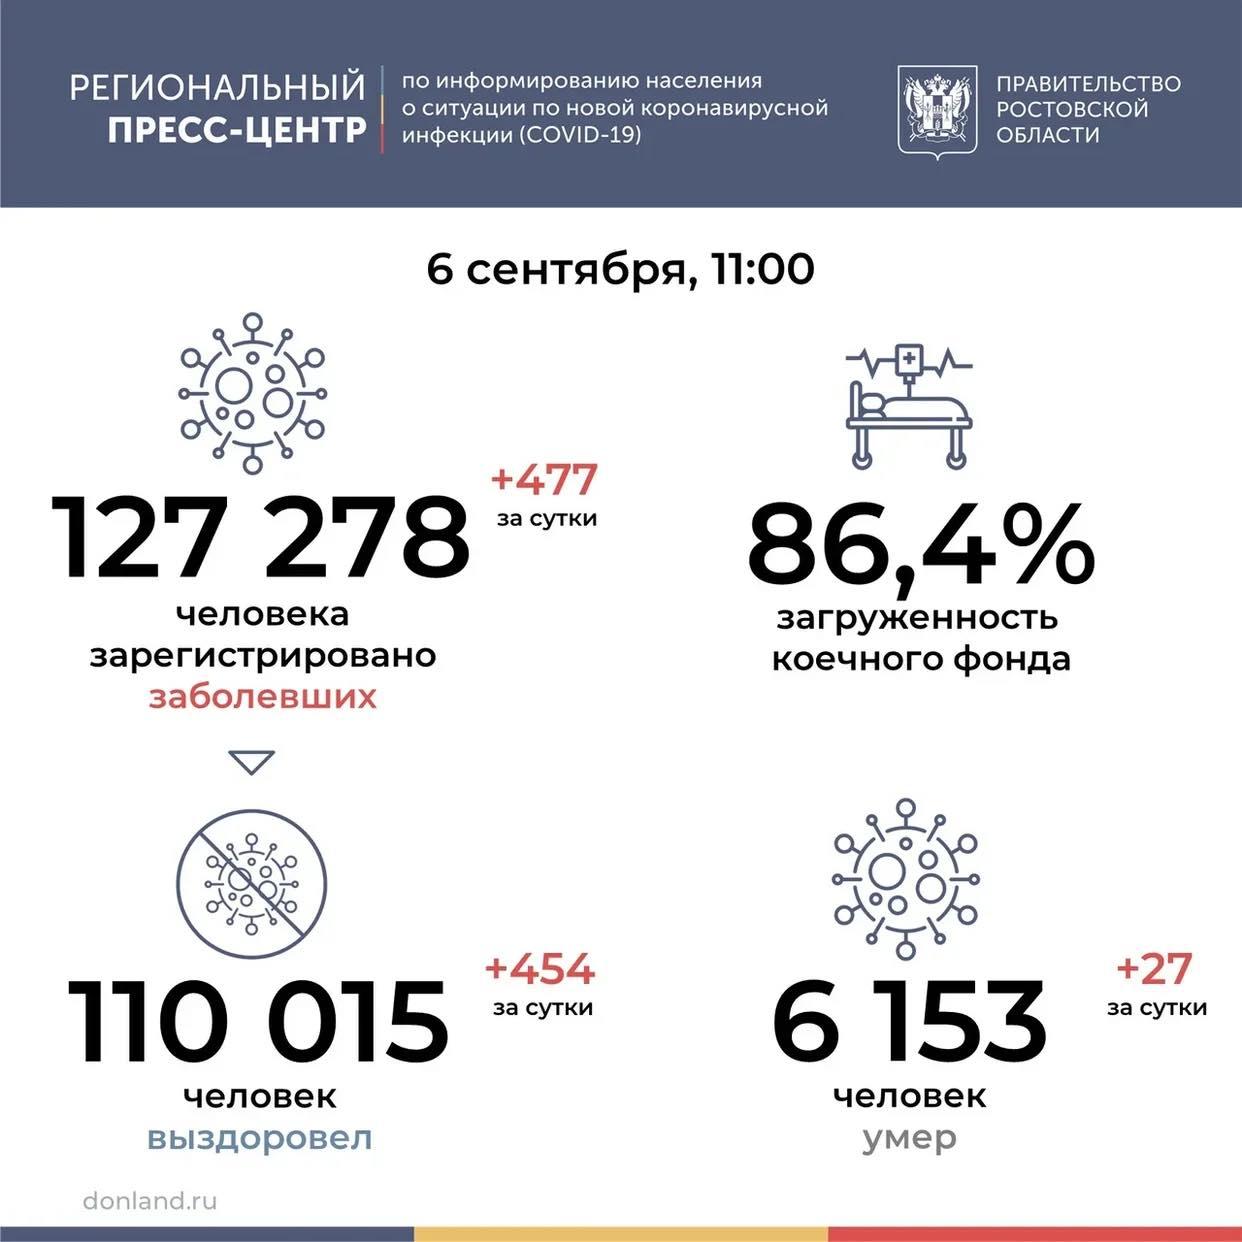 В Ростовской области от коронавируса умерли 27 человек